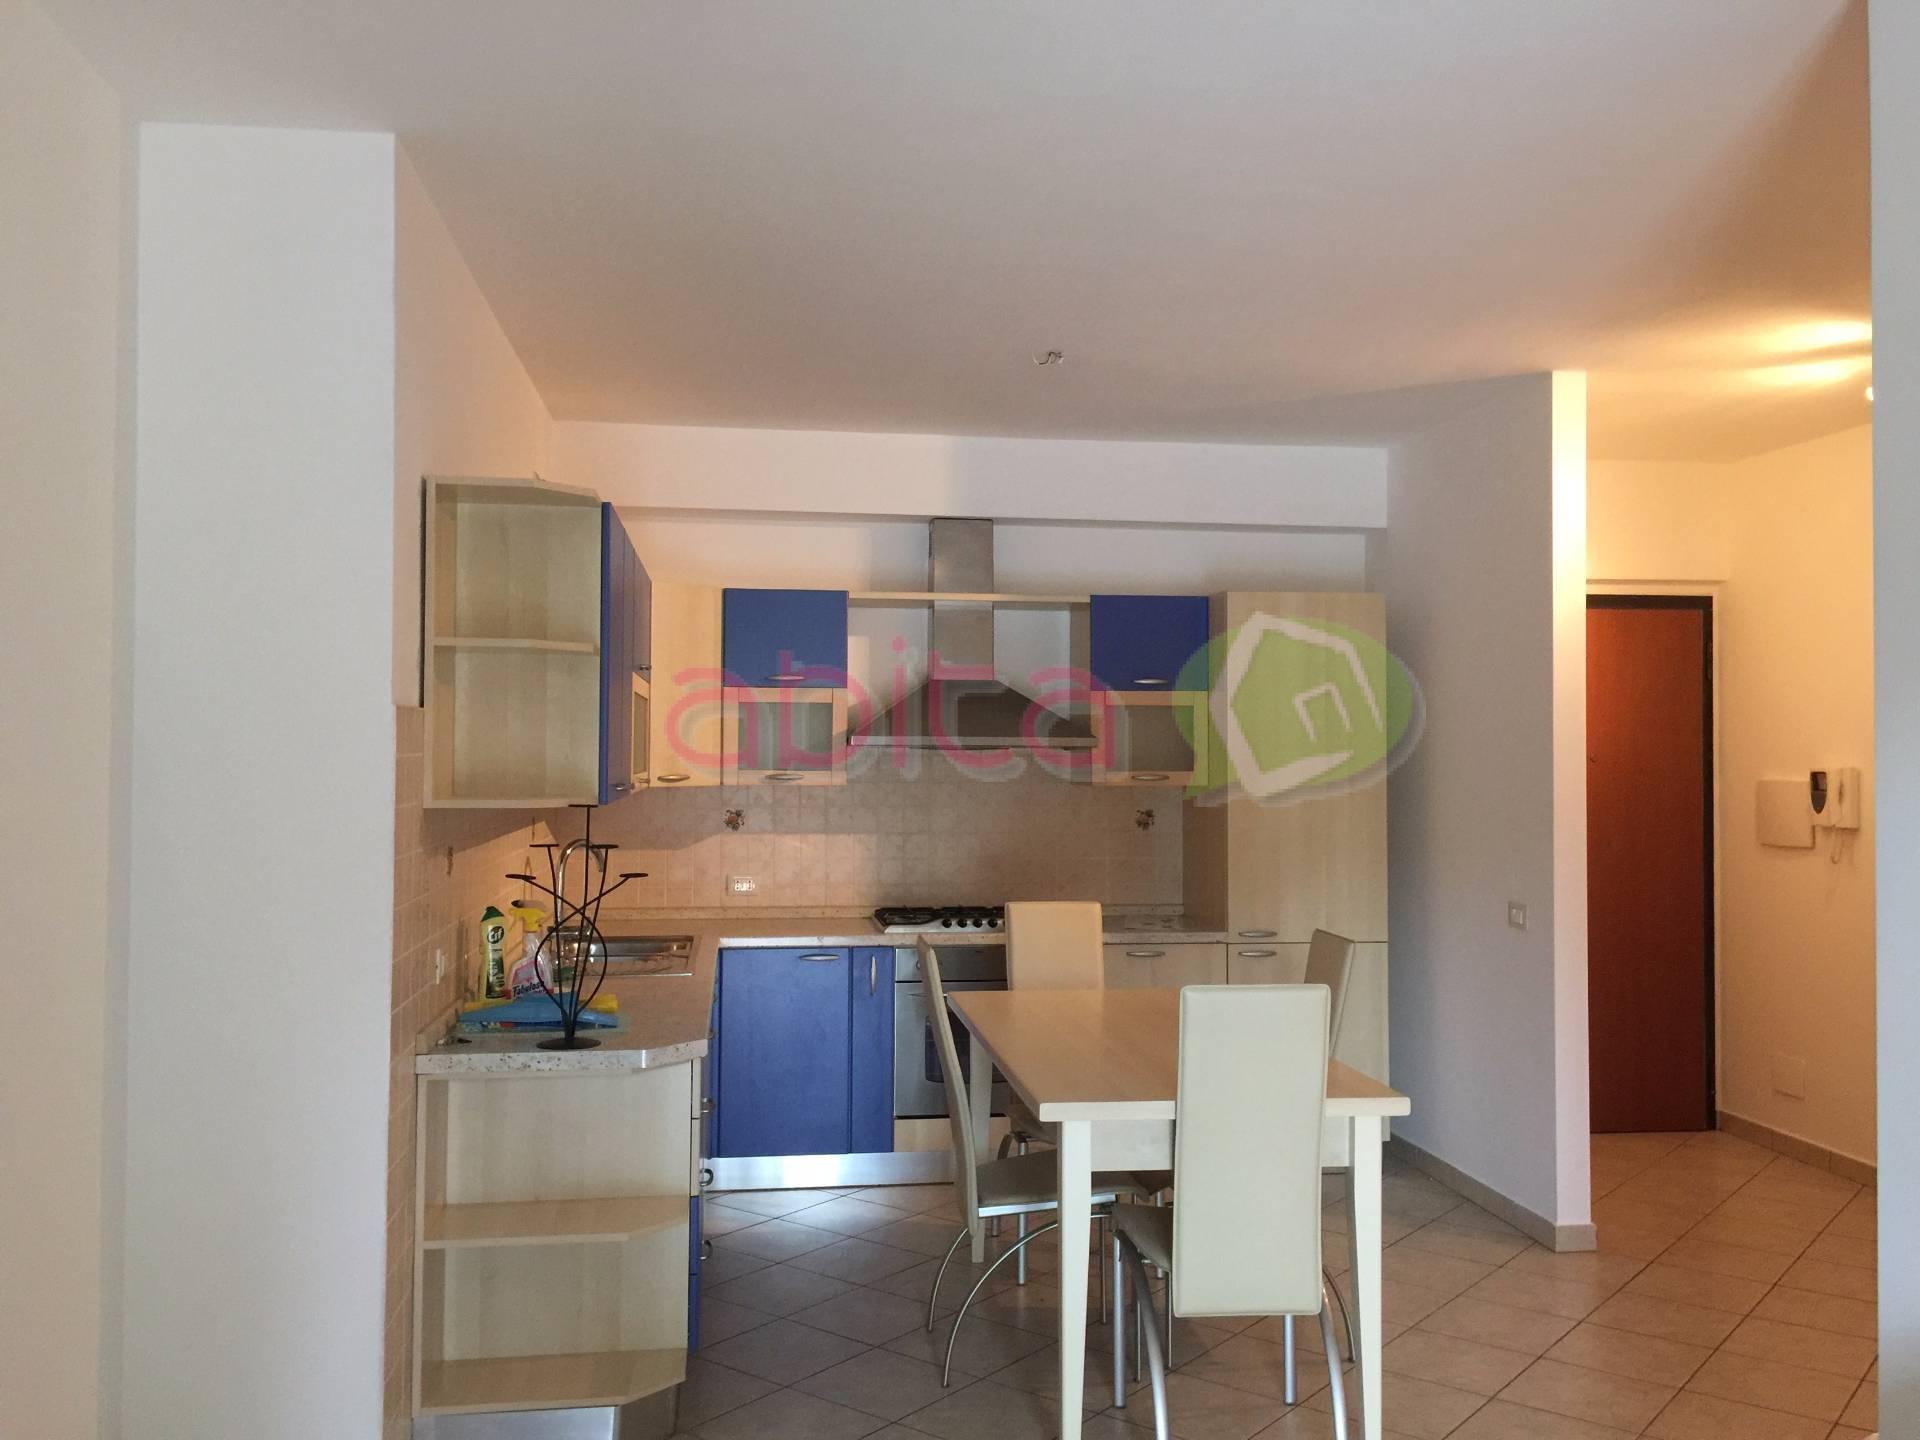 Appartamento in vendita a Spinetoli, 3 locali, zona Località: PagliaredelTronto, prezzo € 110.000   CambioCasa.it